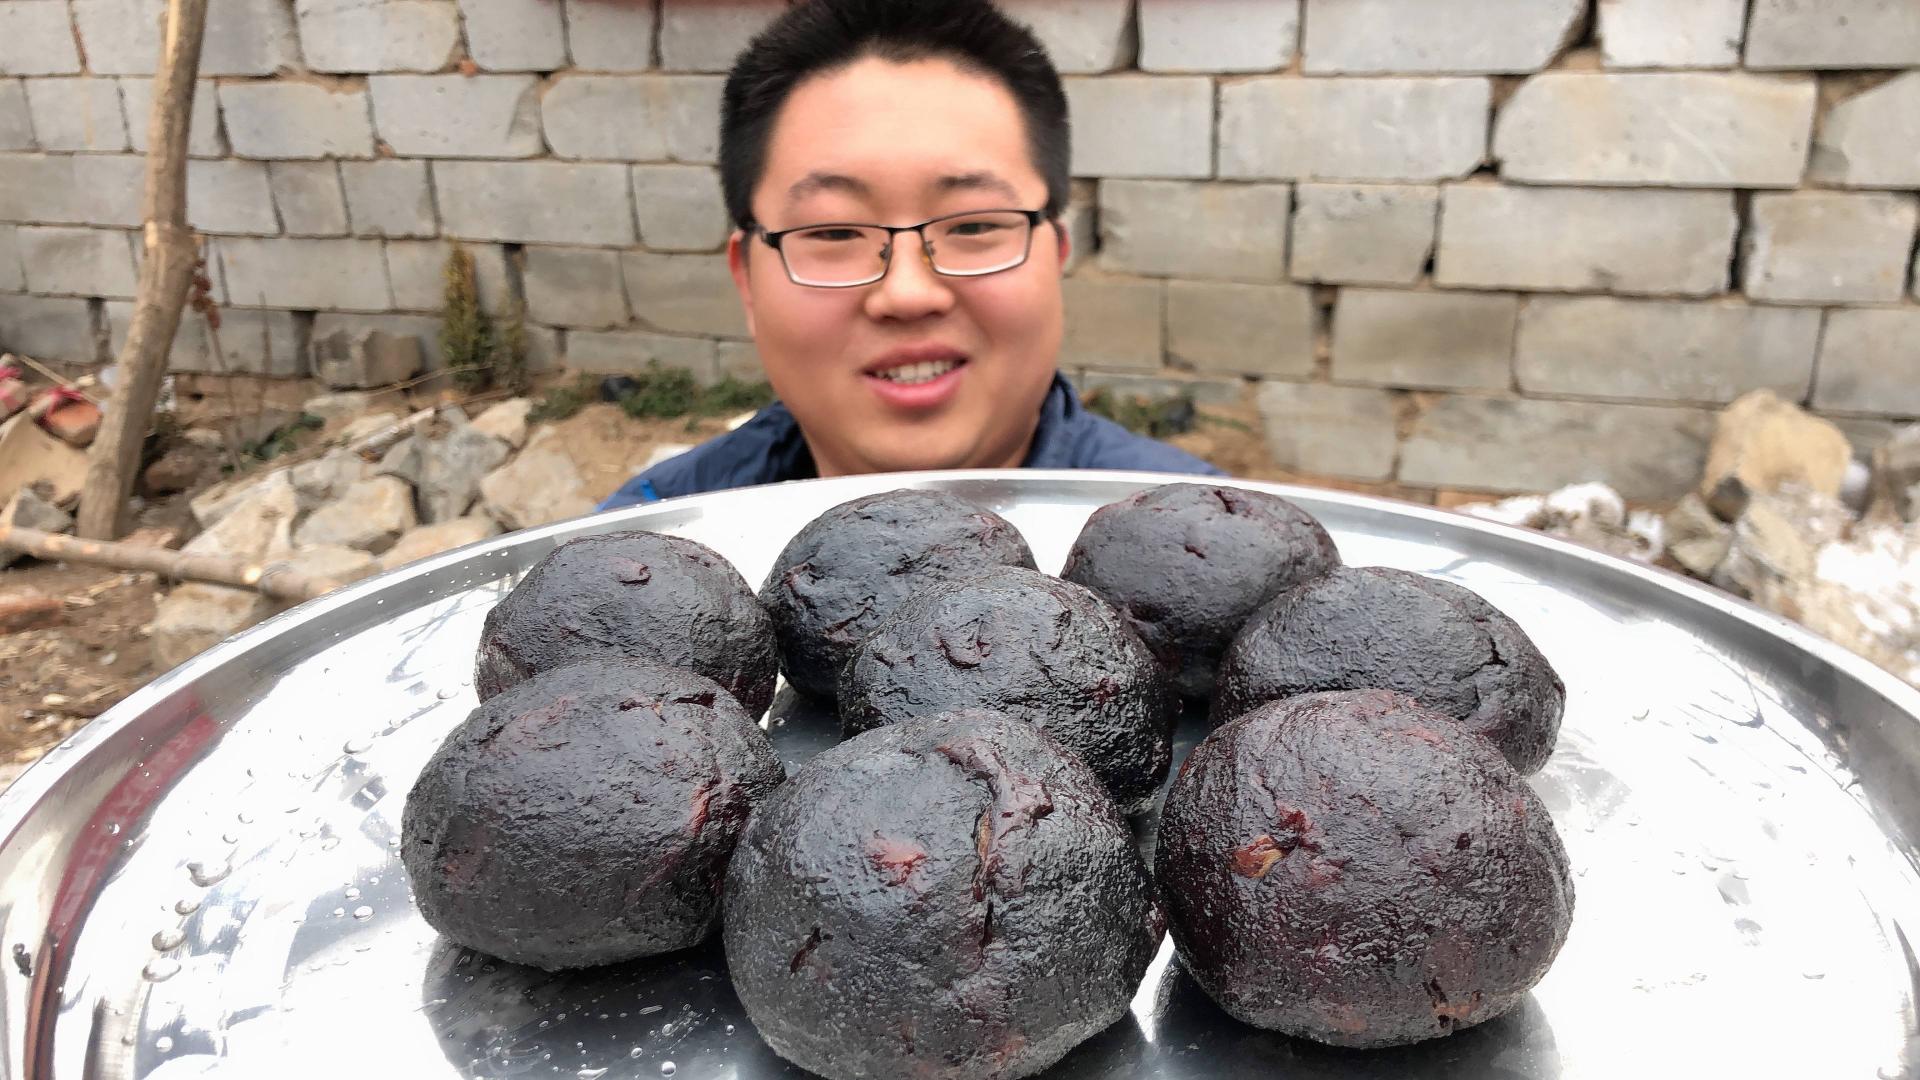 40元买8个猪血丸子,黑不溜秋,切片爆炒,吃一口:味道不一般!